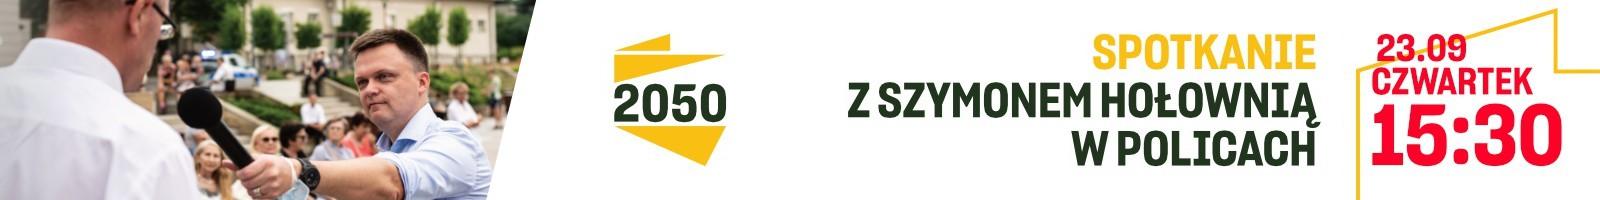 reklama | Polska2050 | Spotkanie z Szymonem Hołownią